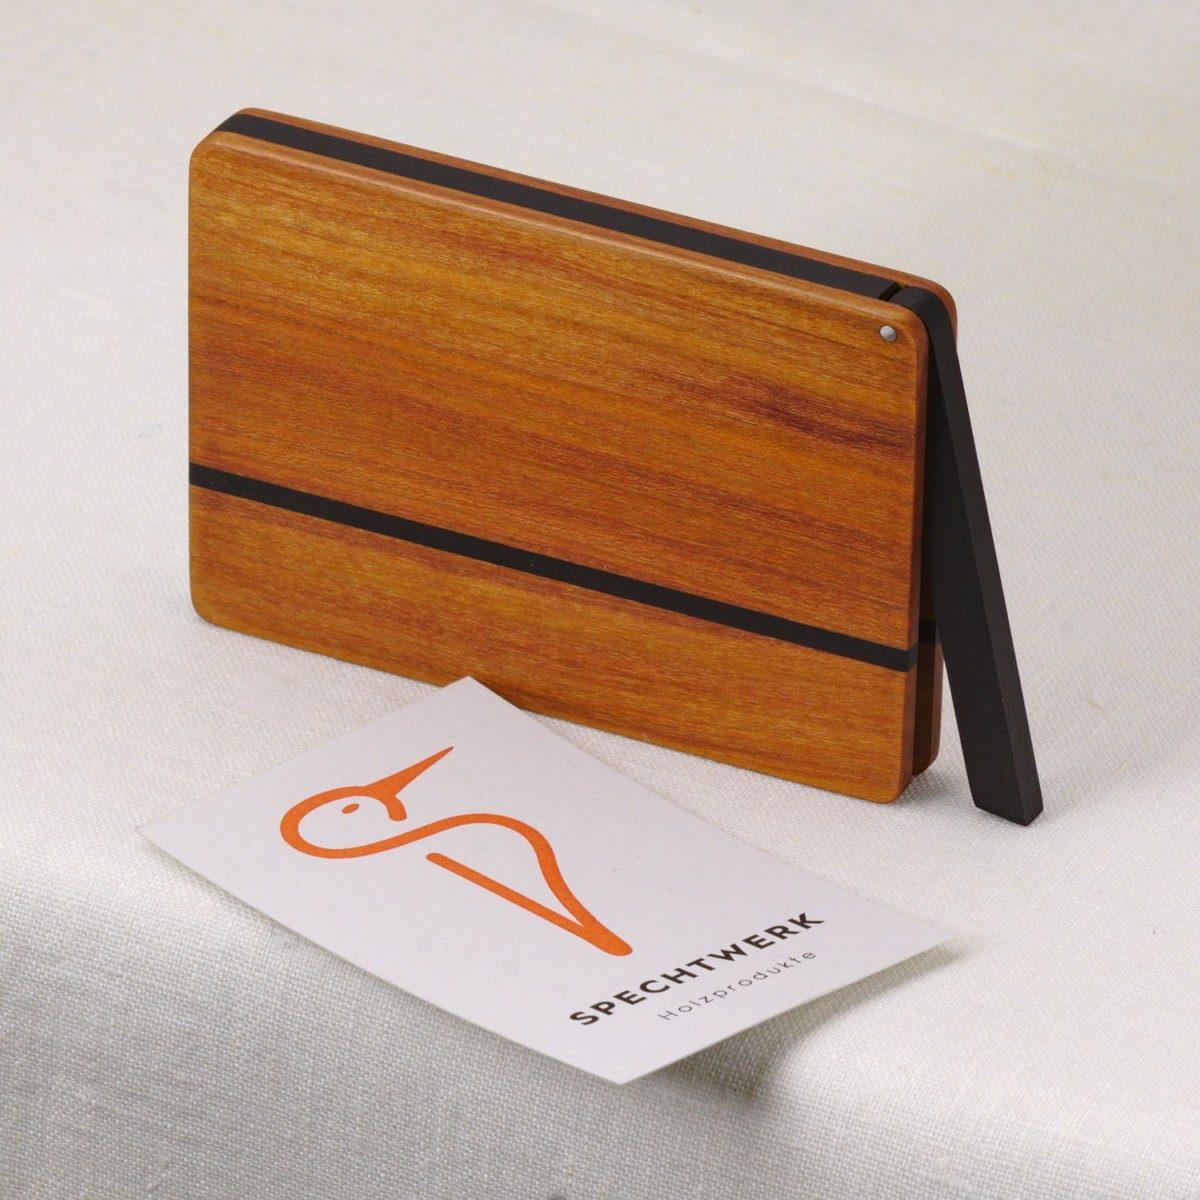 Visitenkartenetui Modell »Zahira« aus sehr abwechslungsreichen Zwetschgen Holz. Handgefertigt in Deutschland. Abgerundete Form für Kartengroesse 55x85mm und 55x90mm.